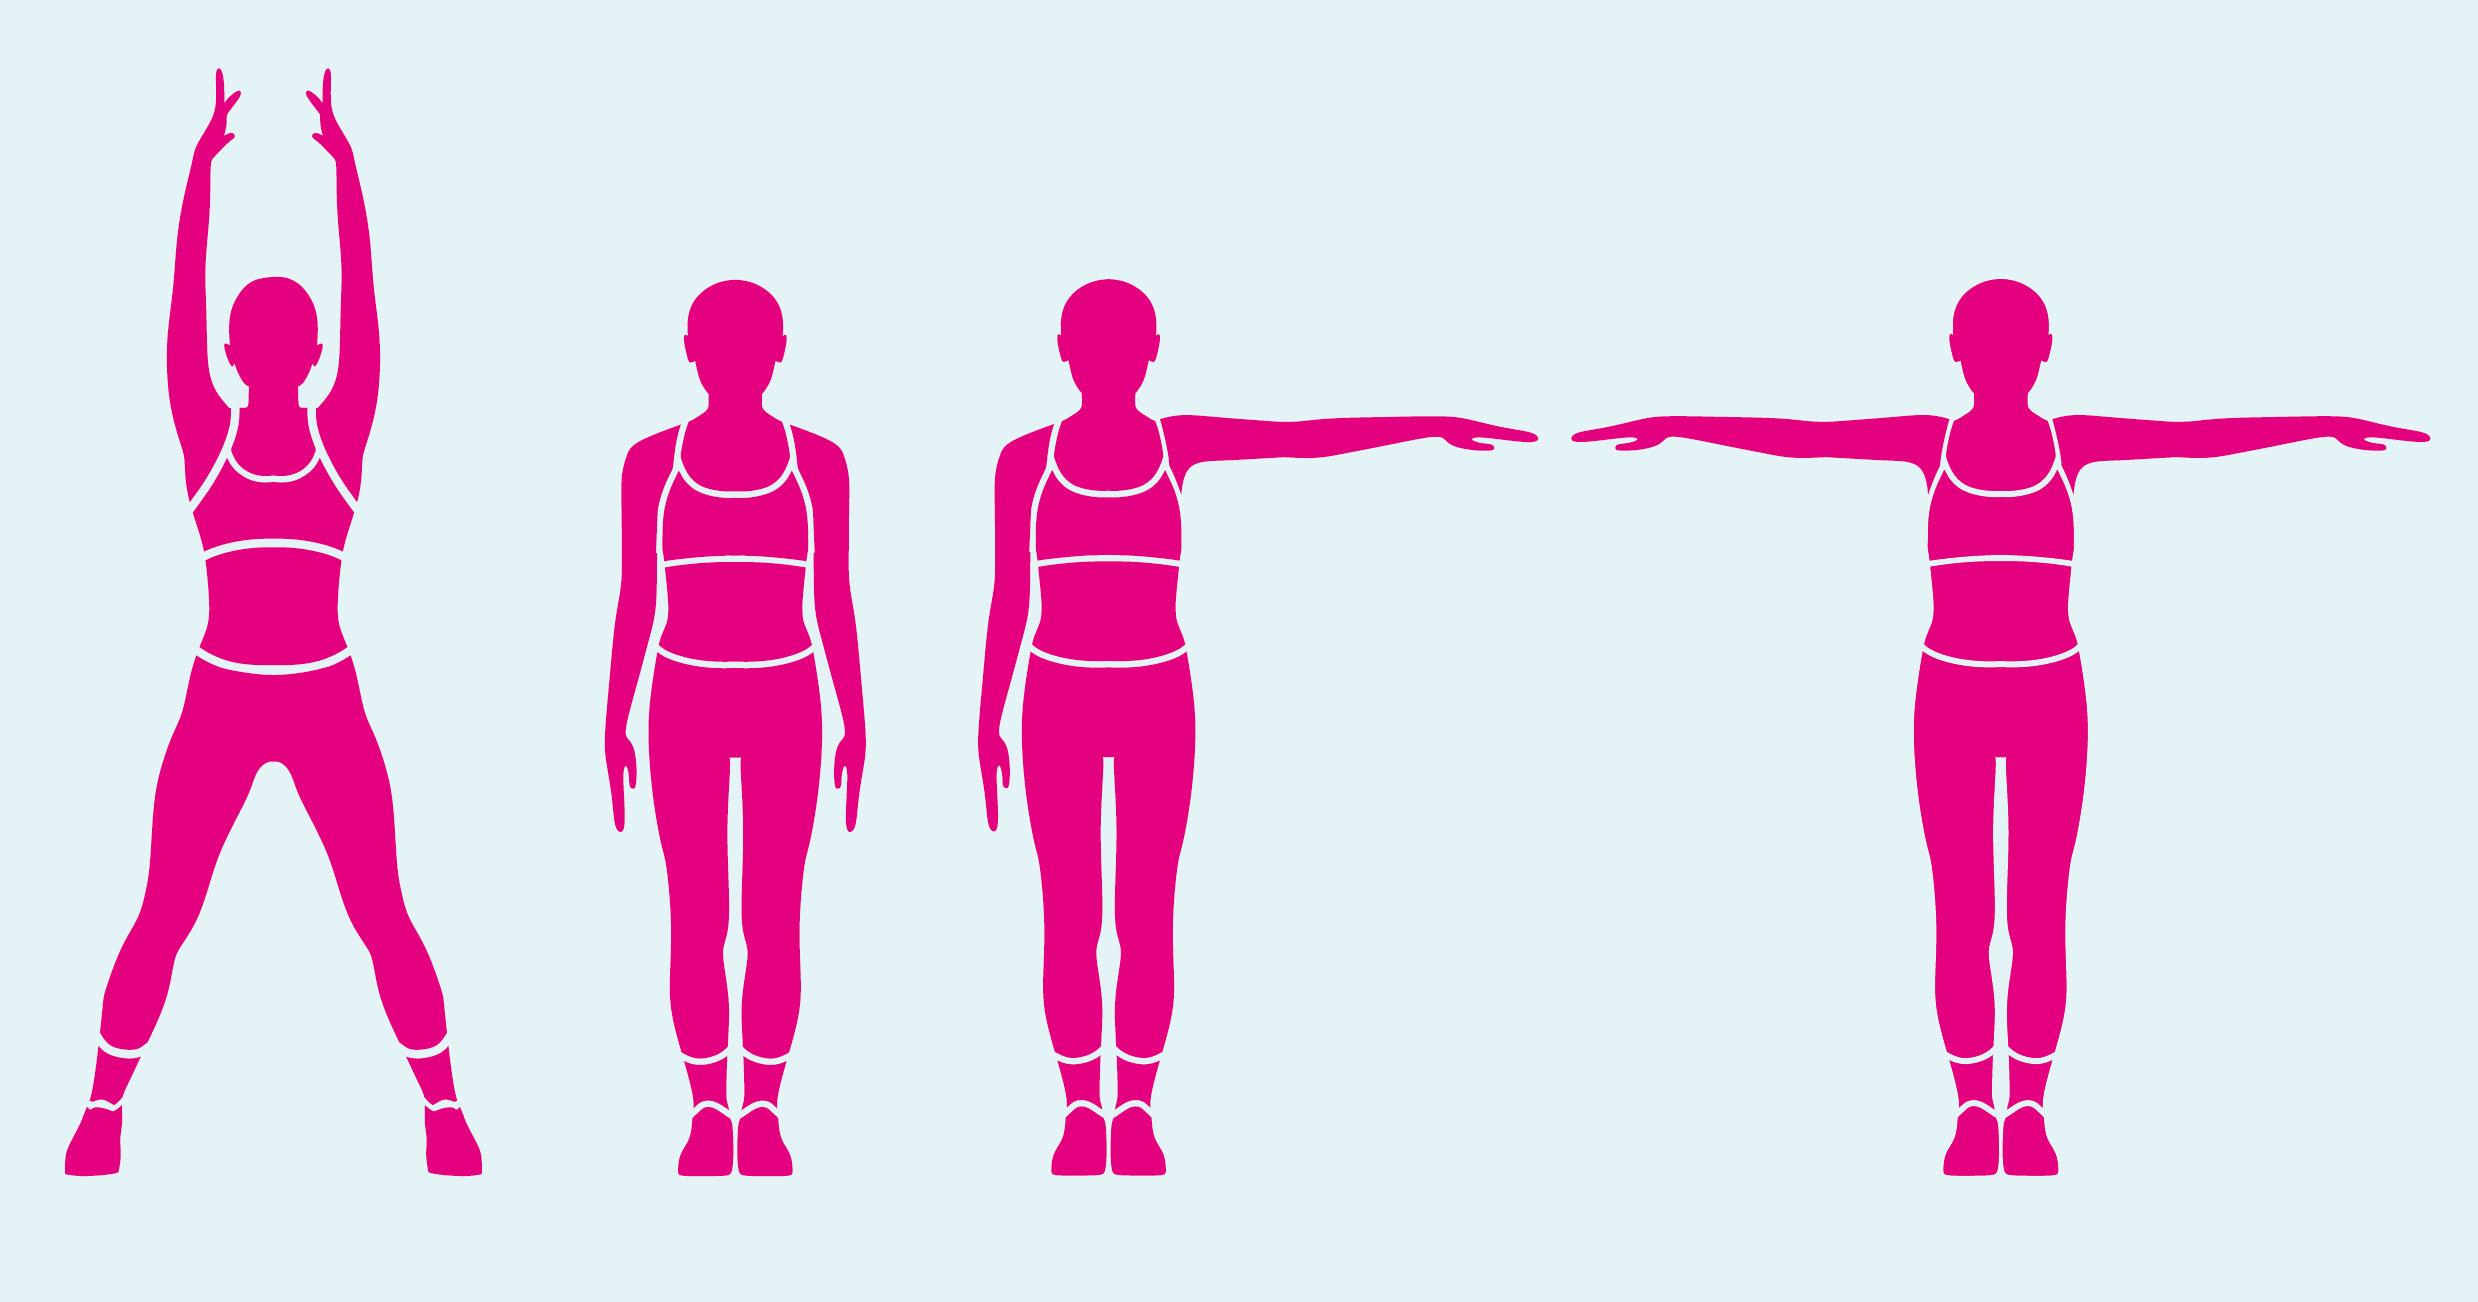 exercise animation image